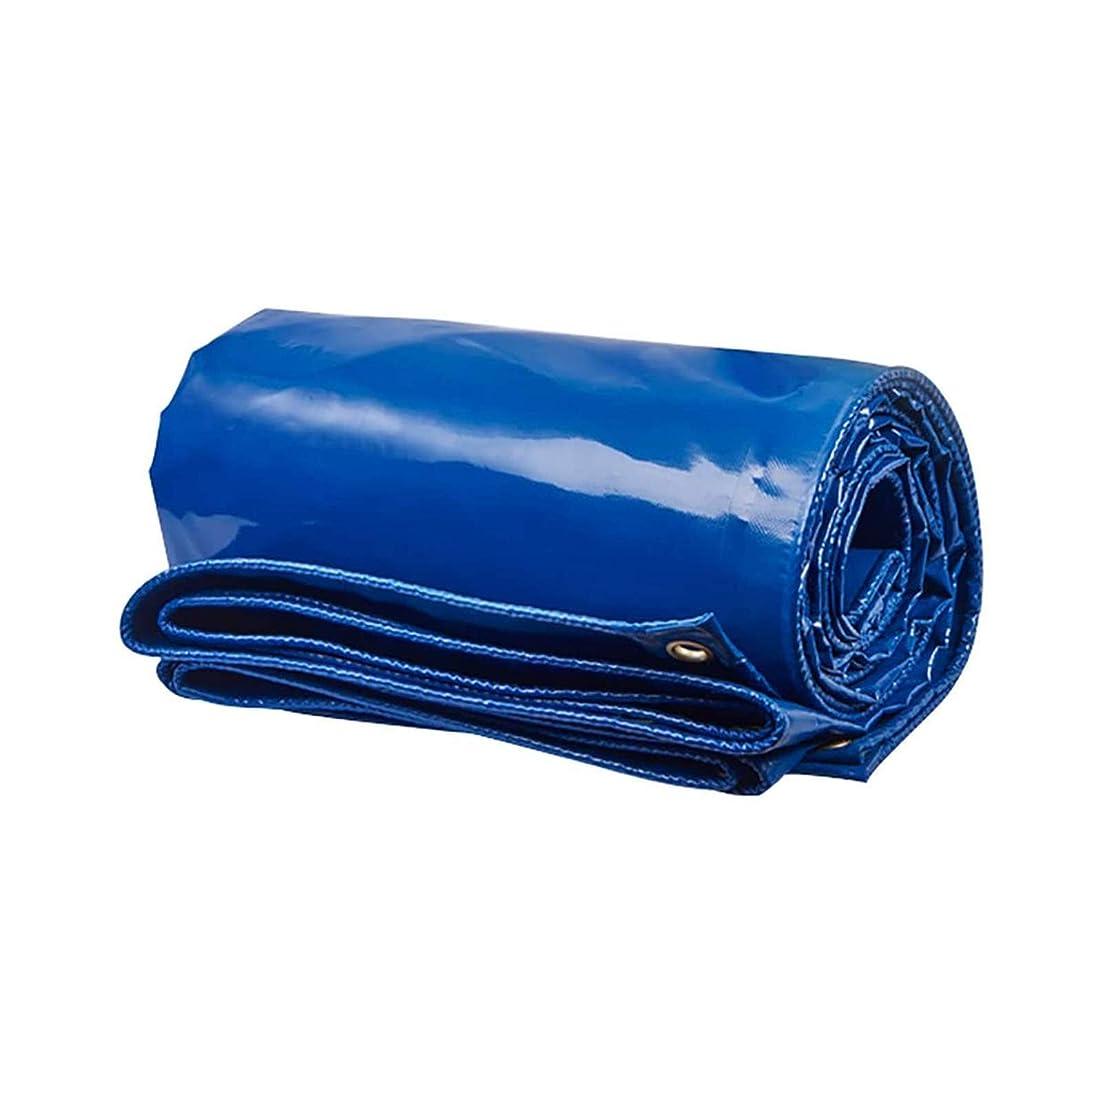 アシュリータファーマンレジ乱雑な防水シート グロメットと補強されたエッジを備えた青い防水シート、頑丈な防水シート防水紫外線耐性引裂き防止3M×4M20ミル6.6Kg